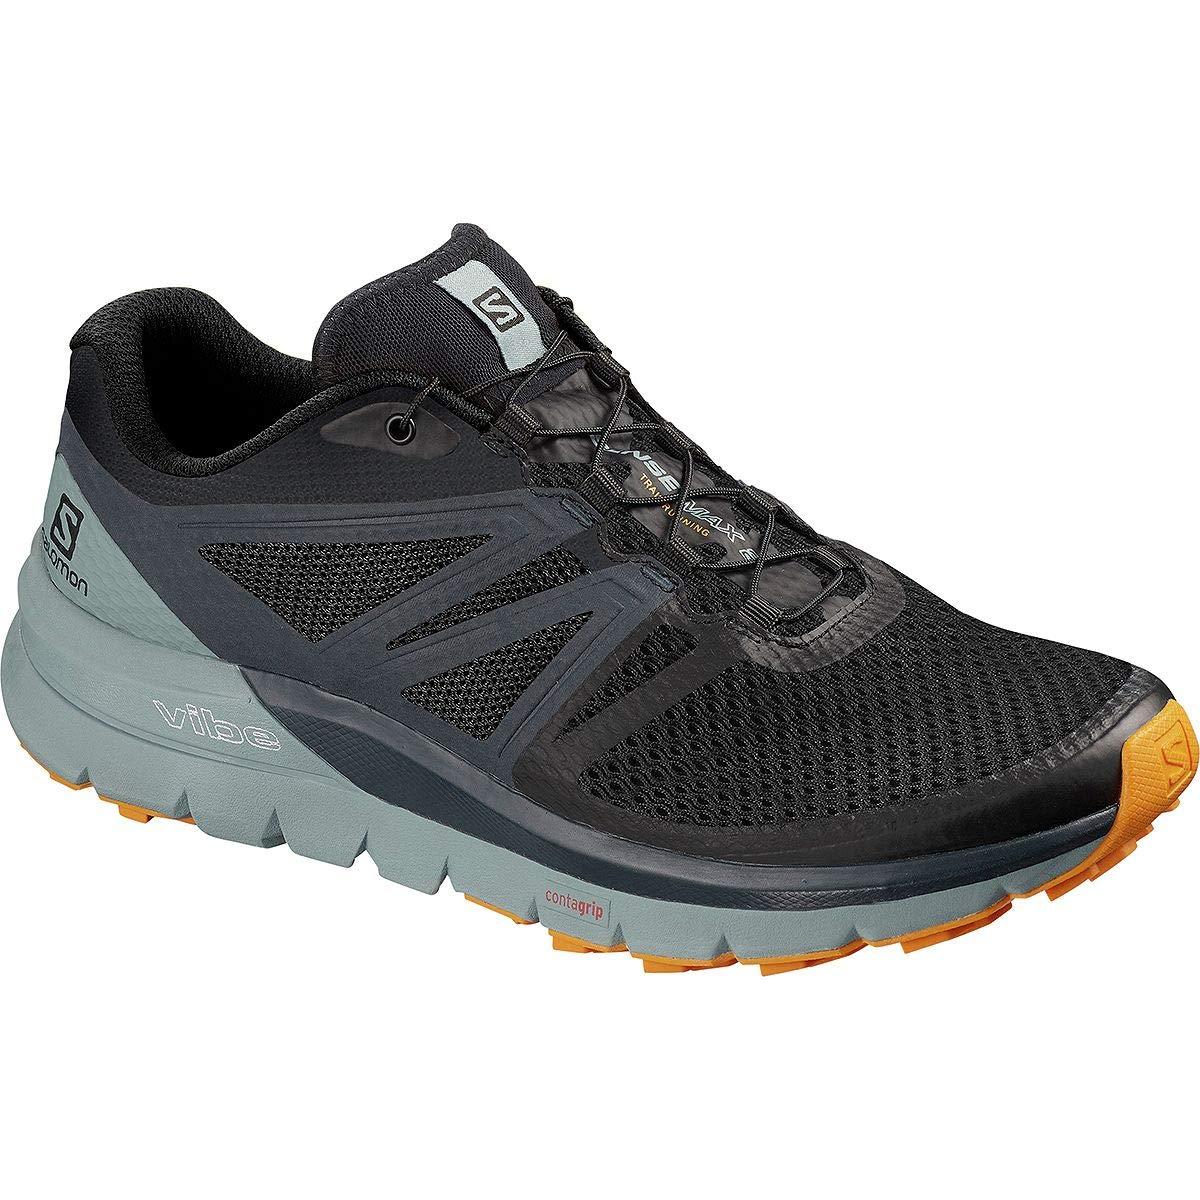 最新のデザイン [サロモン] US-12.5/UK-12.0 メンズ ランニング Sense Max 2 Shoe Trail ランニング Running Shoe [並行輸入品] B07P413MYF US-12.5/UK-12.0, 手芸と生地のユザワヤ2号館:52f7f4d0 --- vrpawar.in